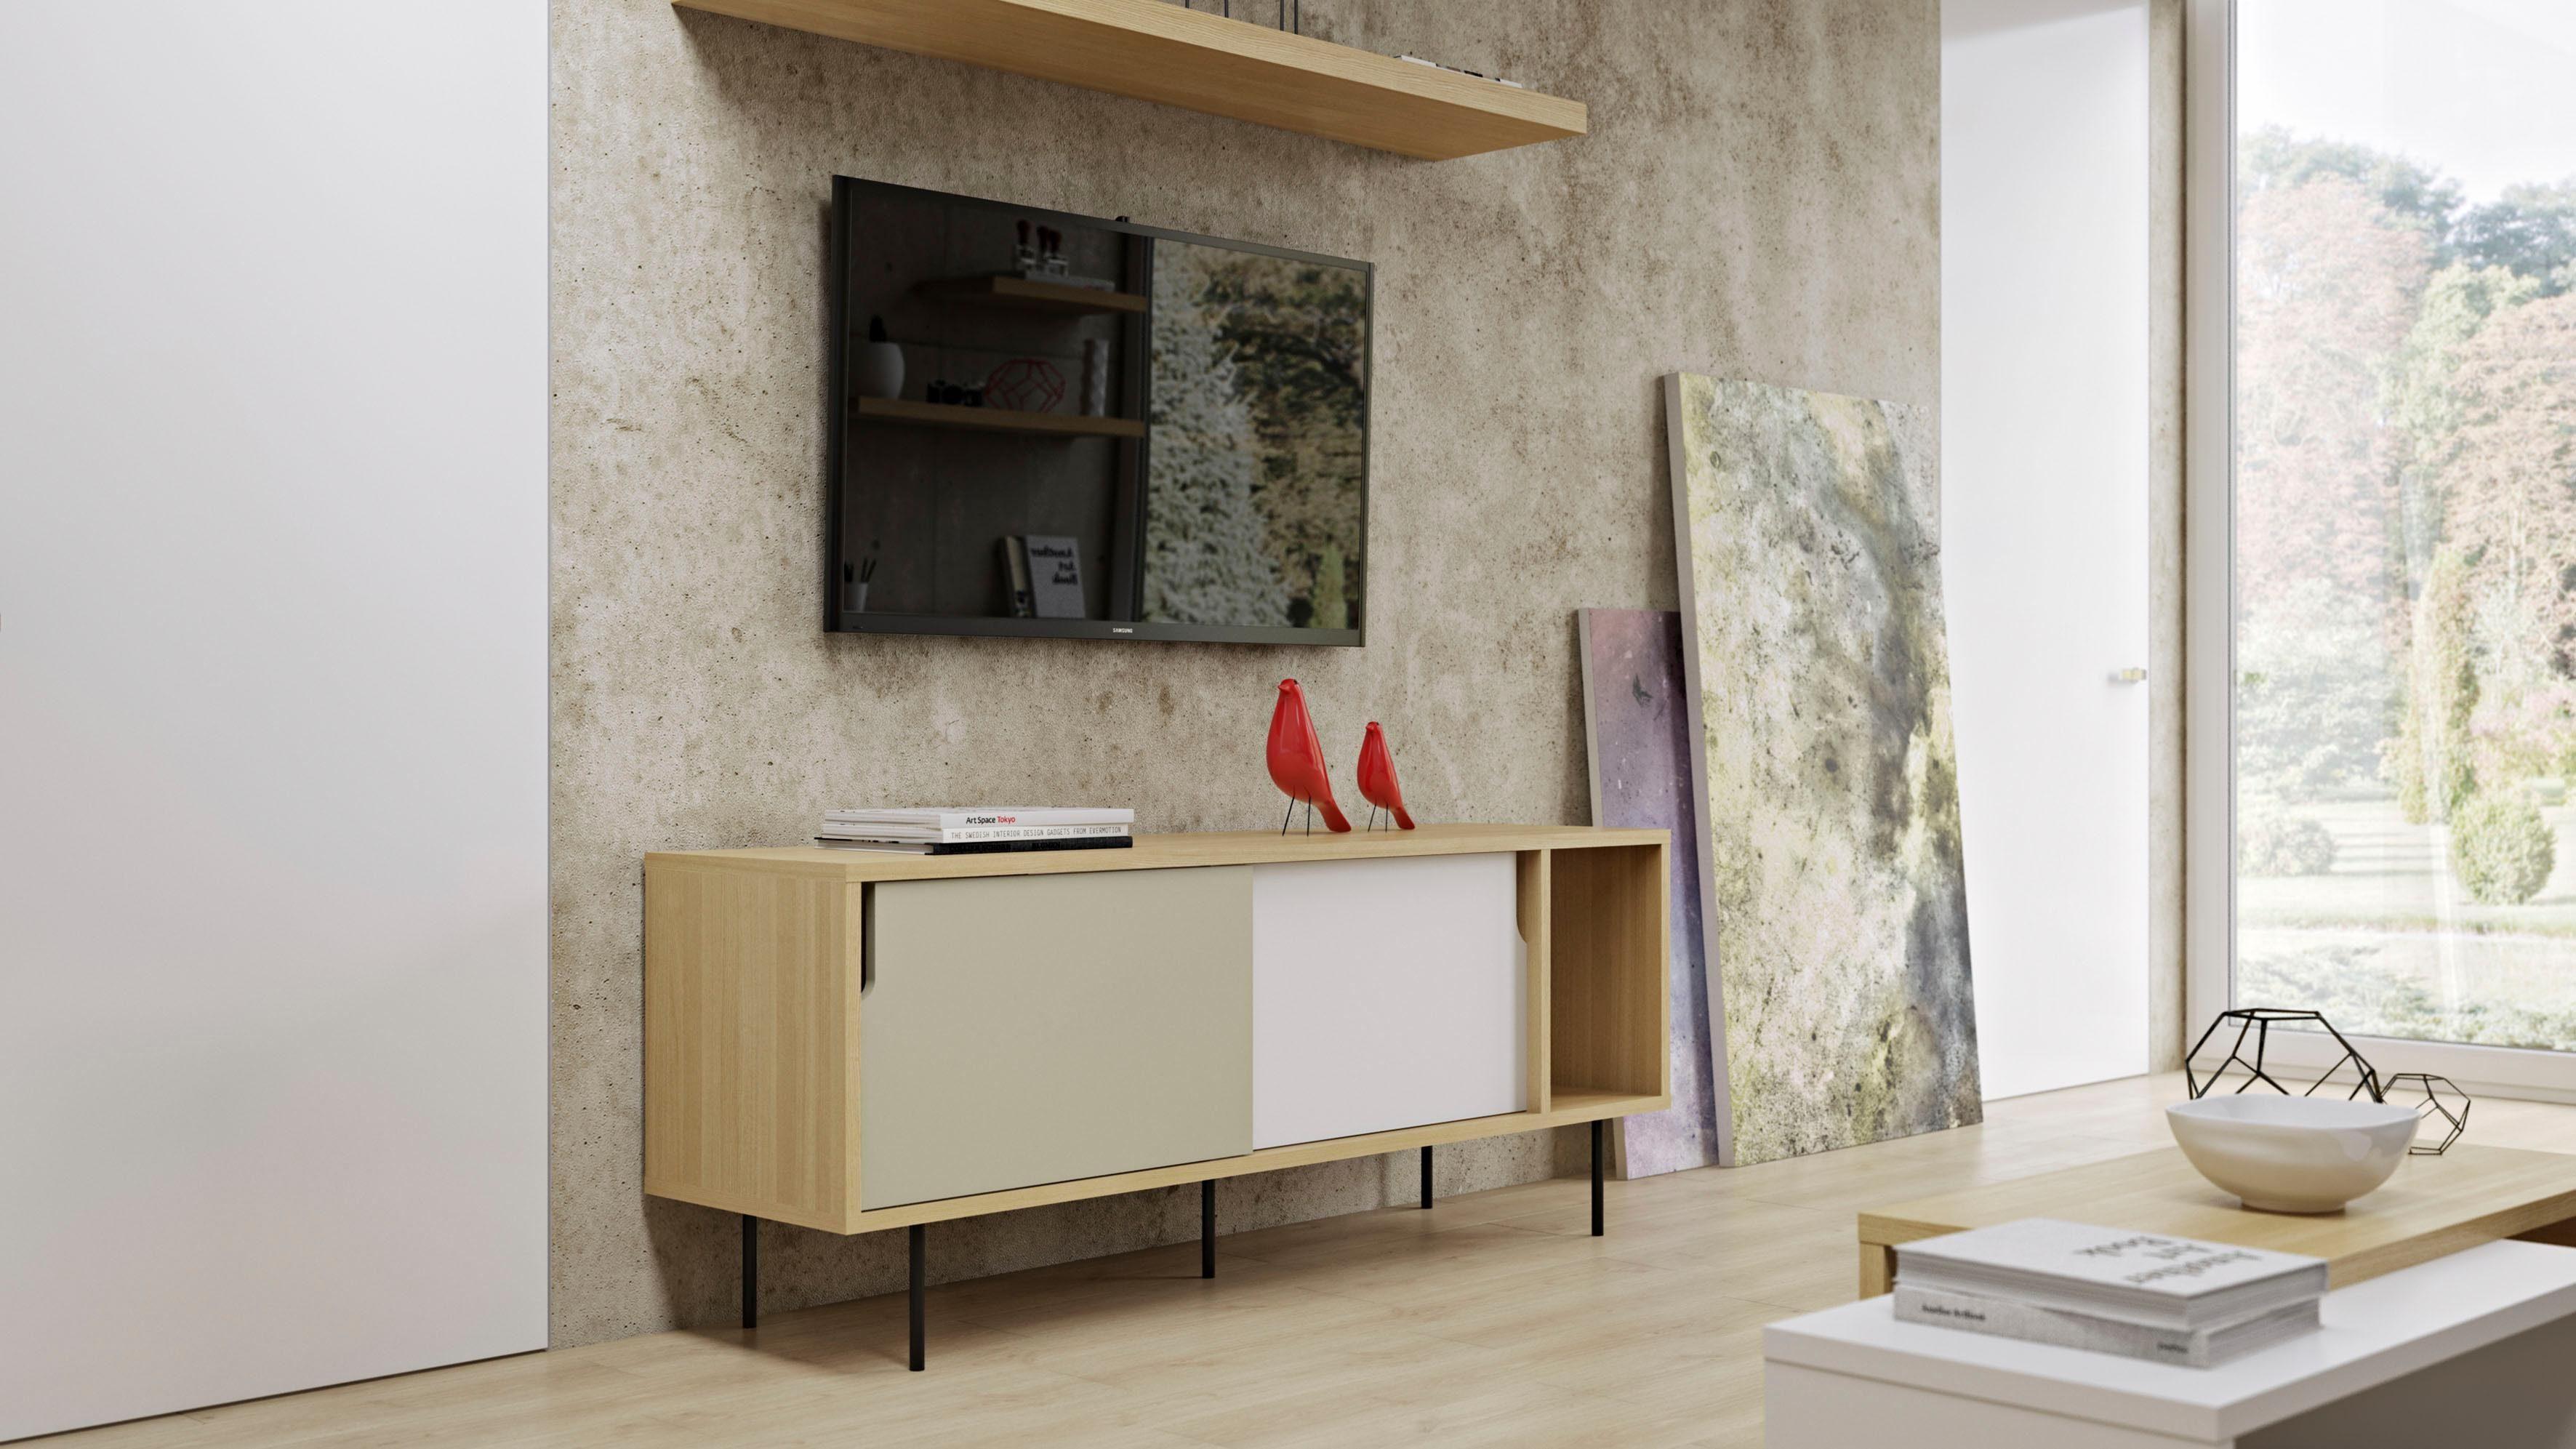 Credenza Dann : Dann credenza con finitura in bianco e quercia moderna